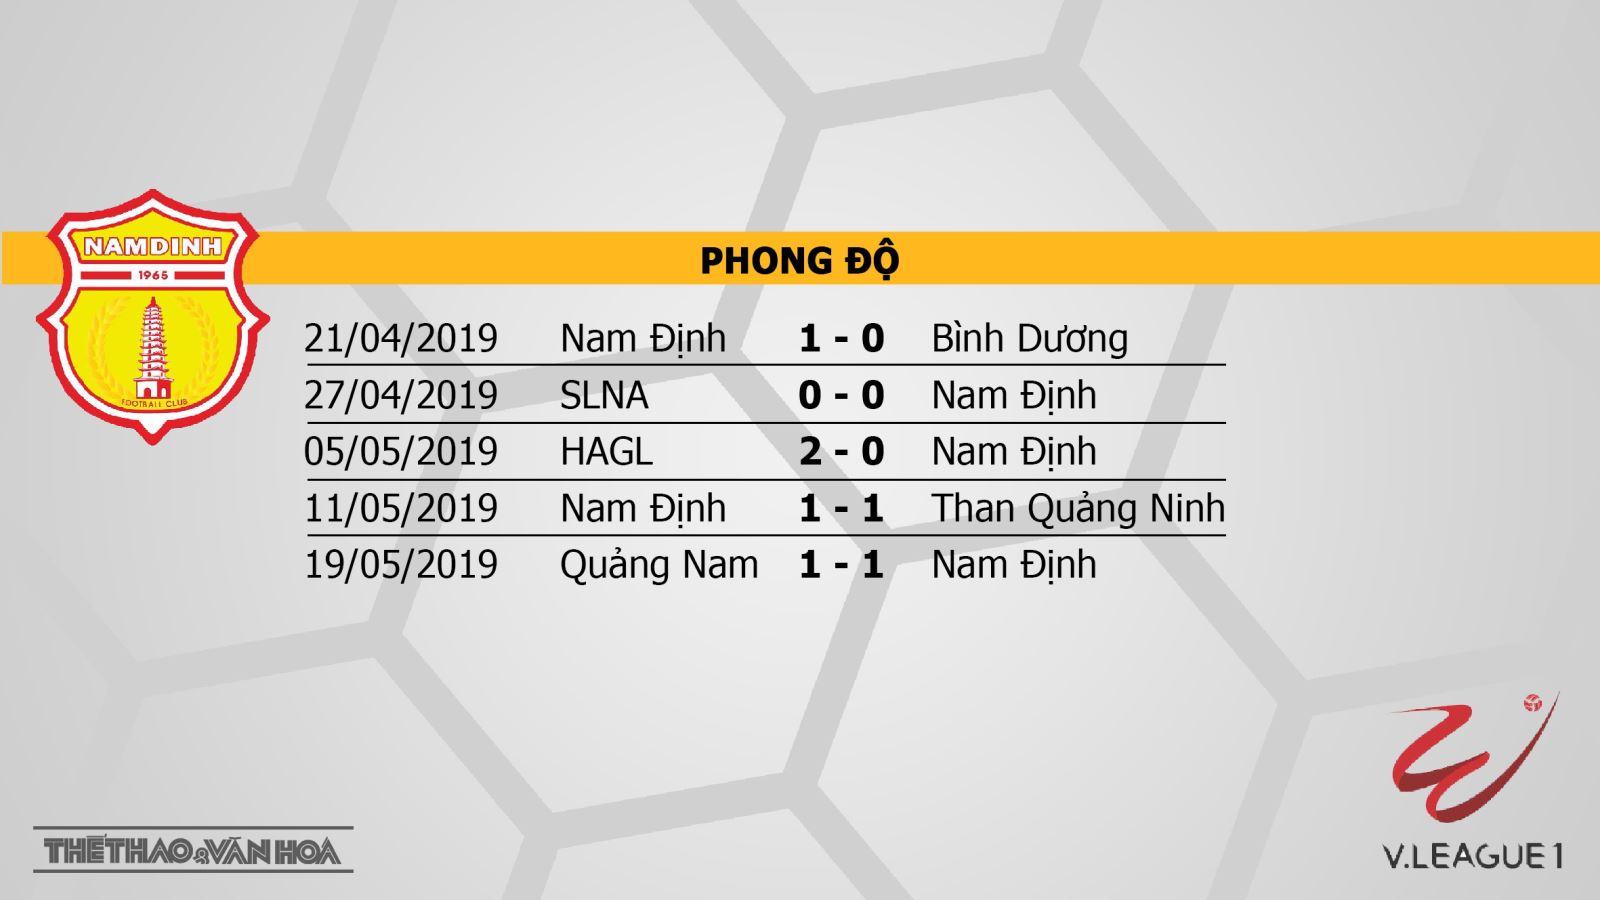 Nam Định, Hà Nội, truc tiep bong da, trực tiếp bóng đá, Nam Định vs Hà Nội, Nam Dinh, Ha Noi FC, VTV6, BĐTV, FPT, lịch V League 2019, lịch thi đấu V League, truc tiep HAGL